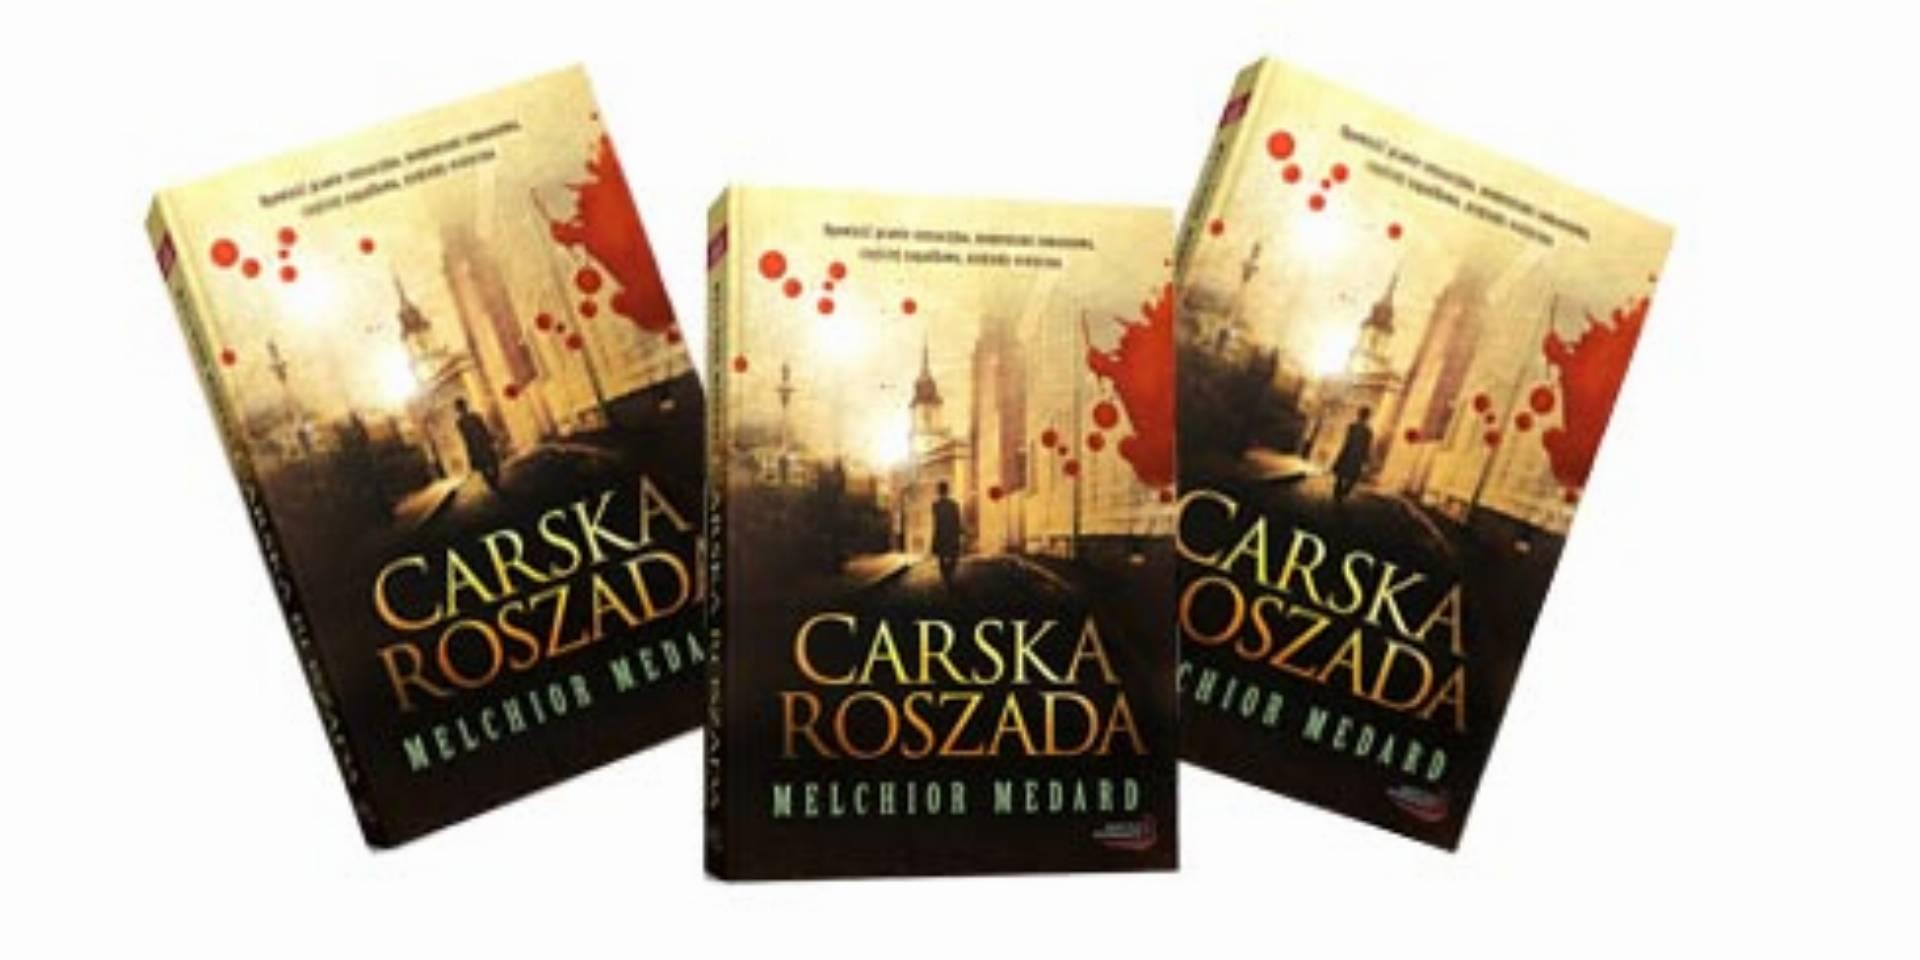 'Carska roszada' Melchior Medard